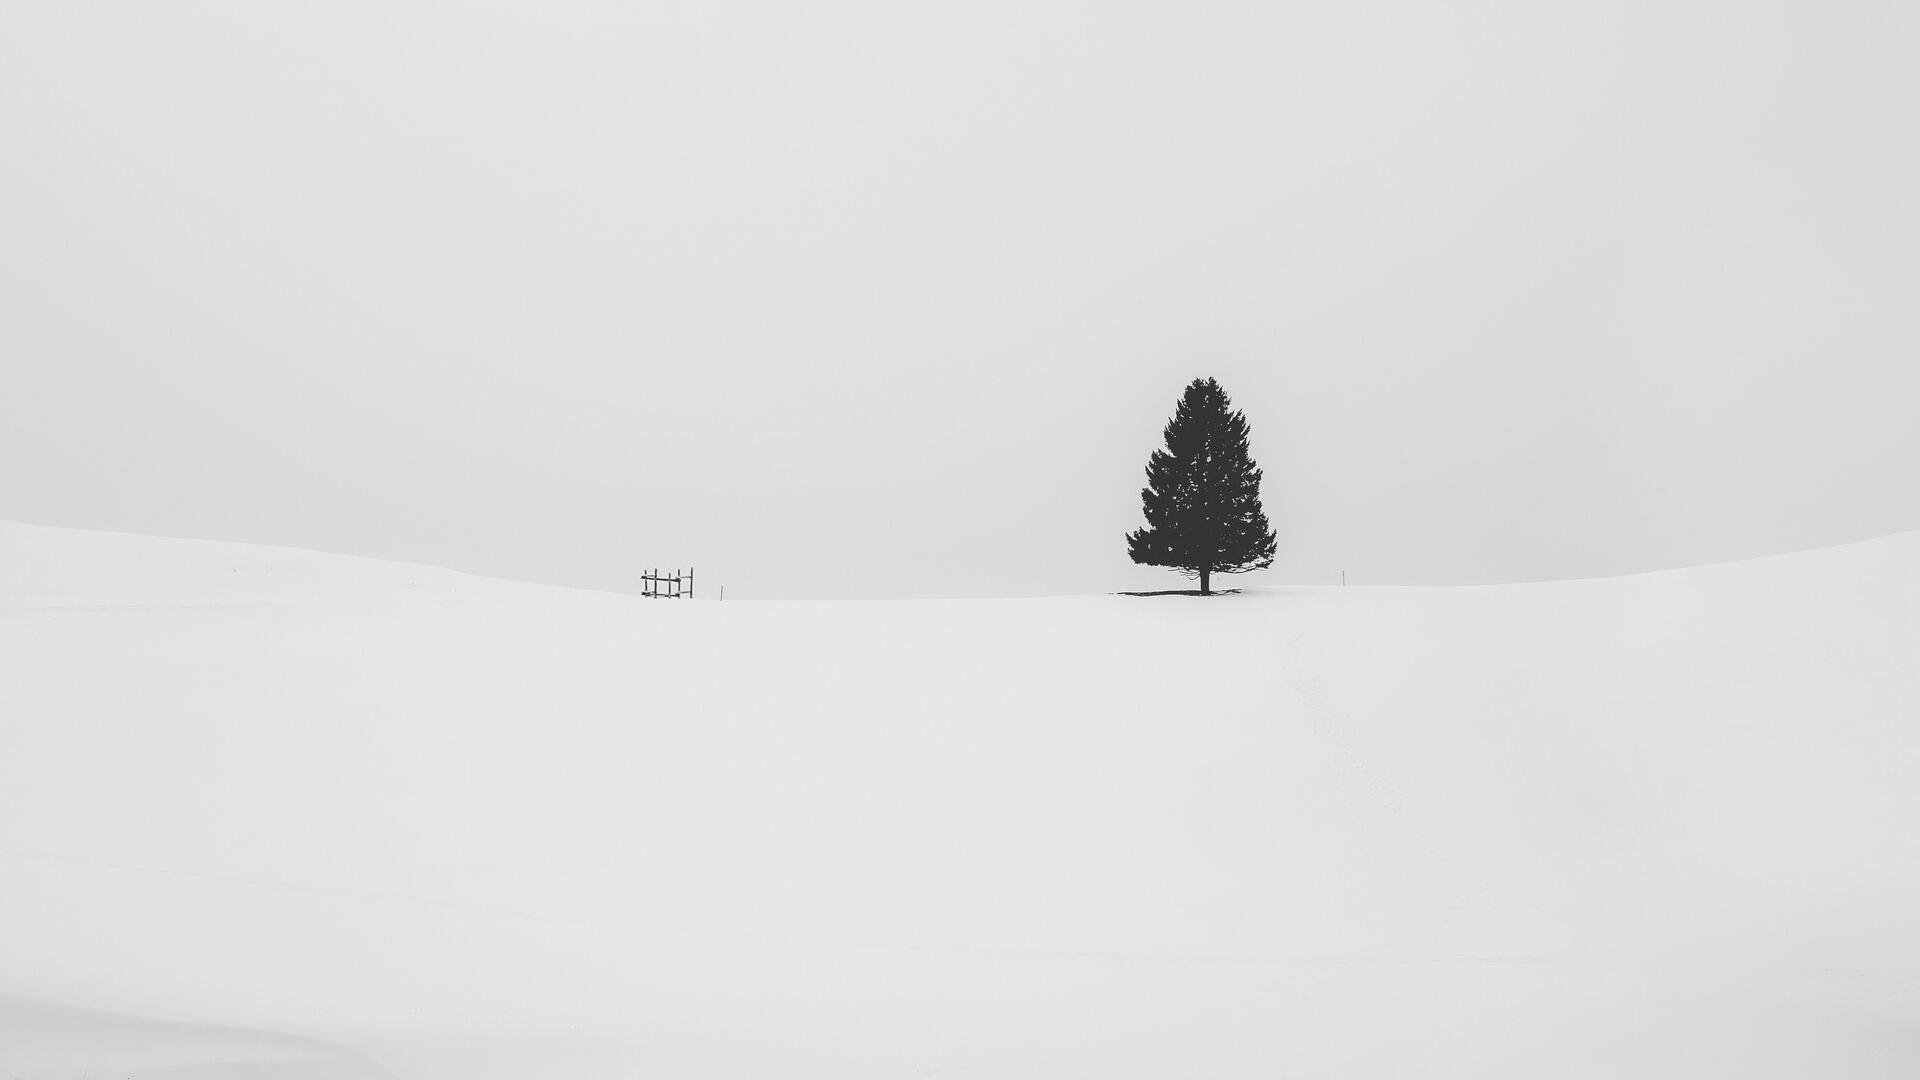 White Minimalist Wallpaper